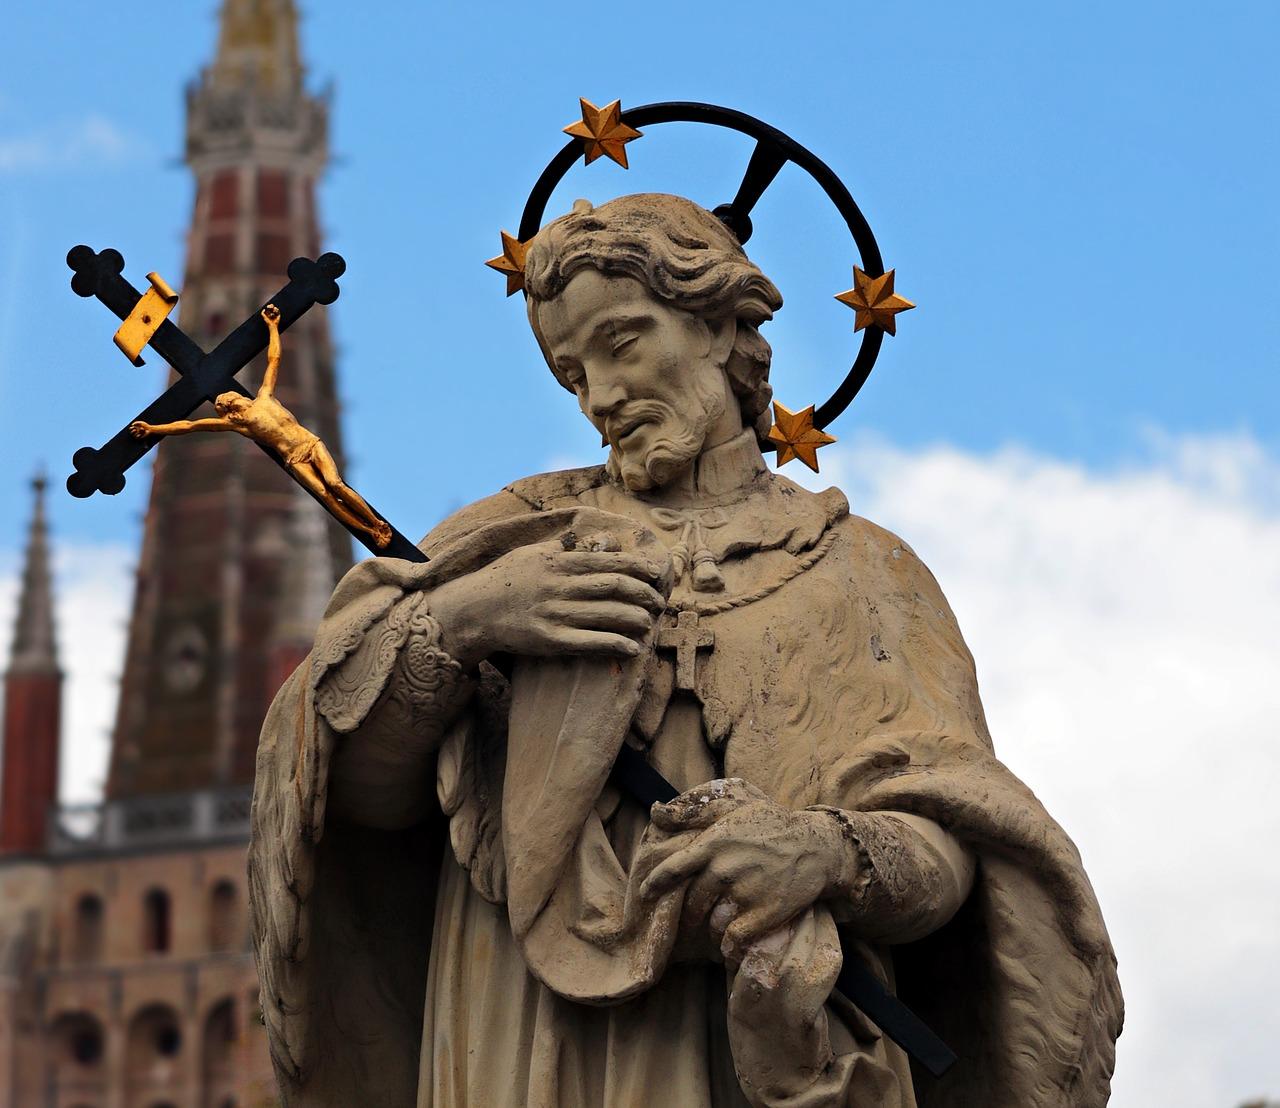 Penser à visiter la Belgique et ses villes médiévales.